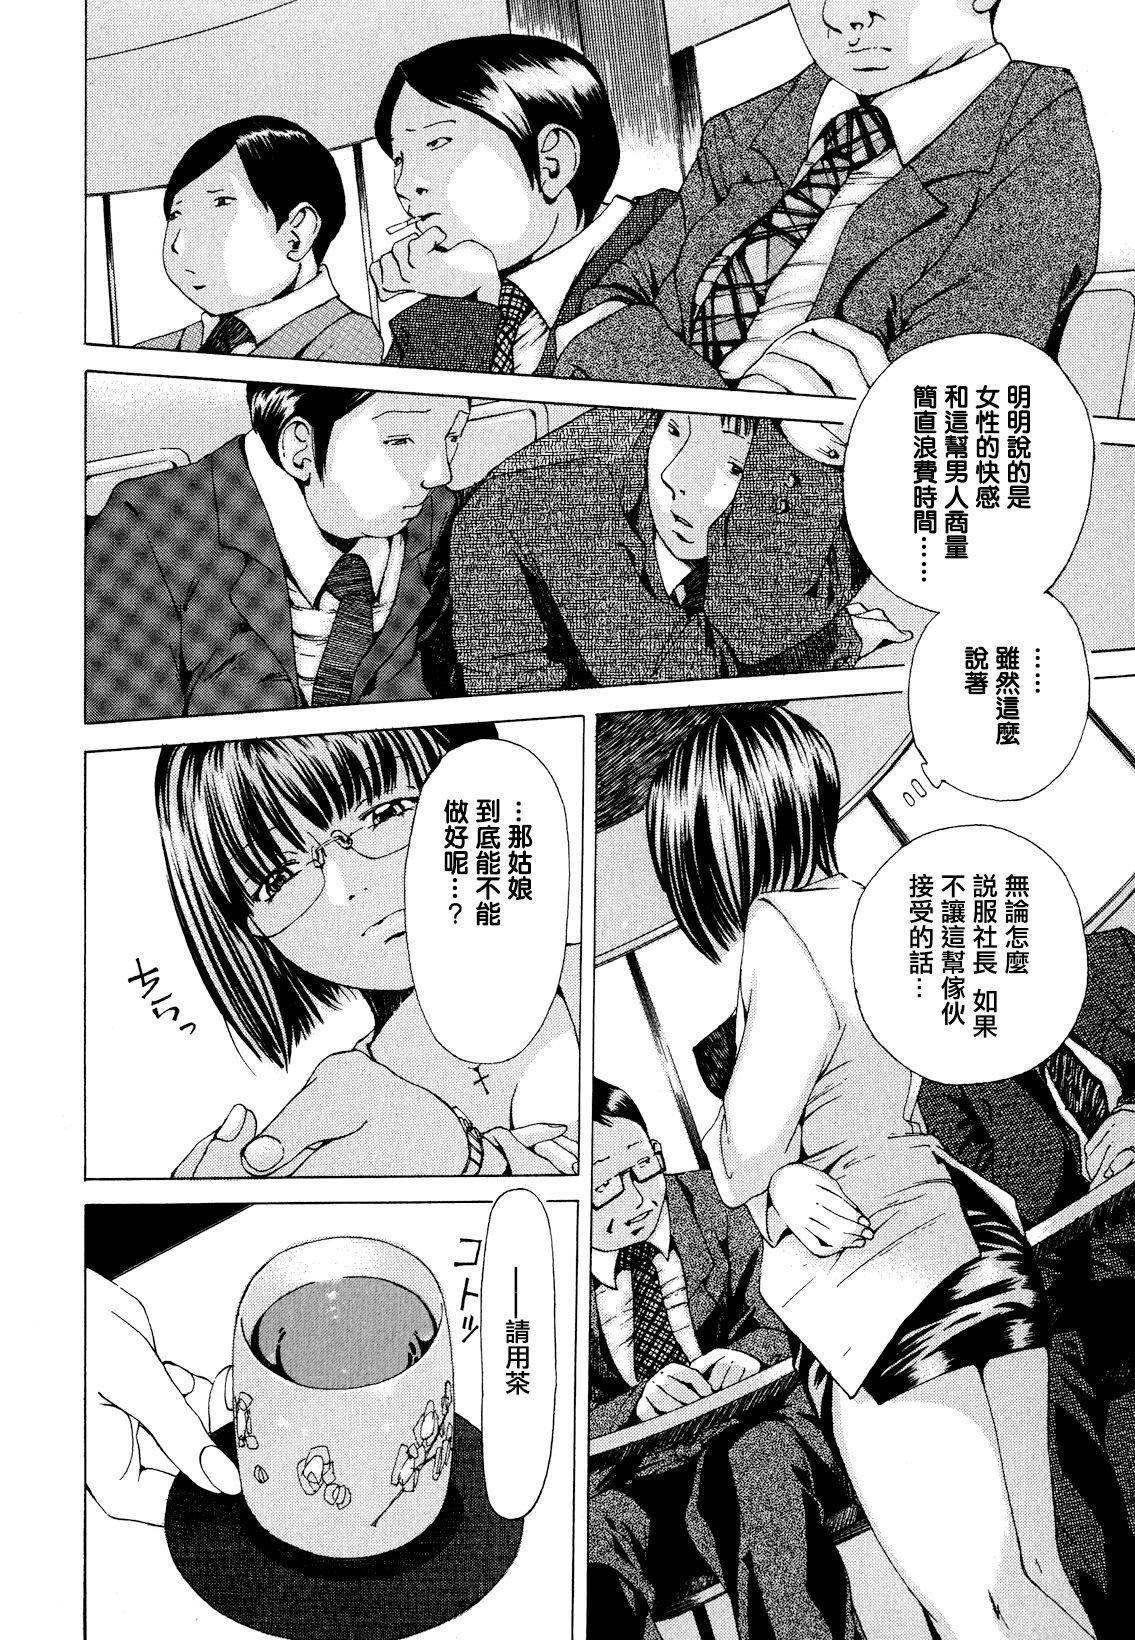 [Nohara Hiromi] Suhada-teki Bishoujo 1 -Watashi no Himitsu... Mitai? Hen- [Chinese] [紫色老太婆个人汉化] 112